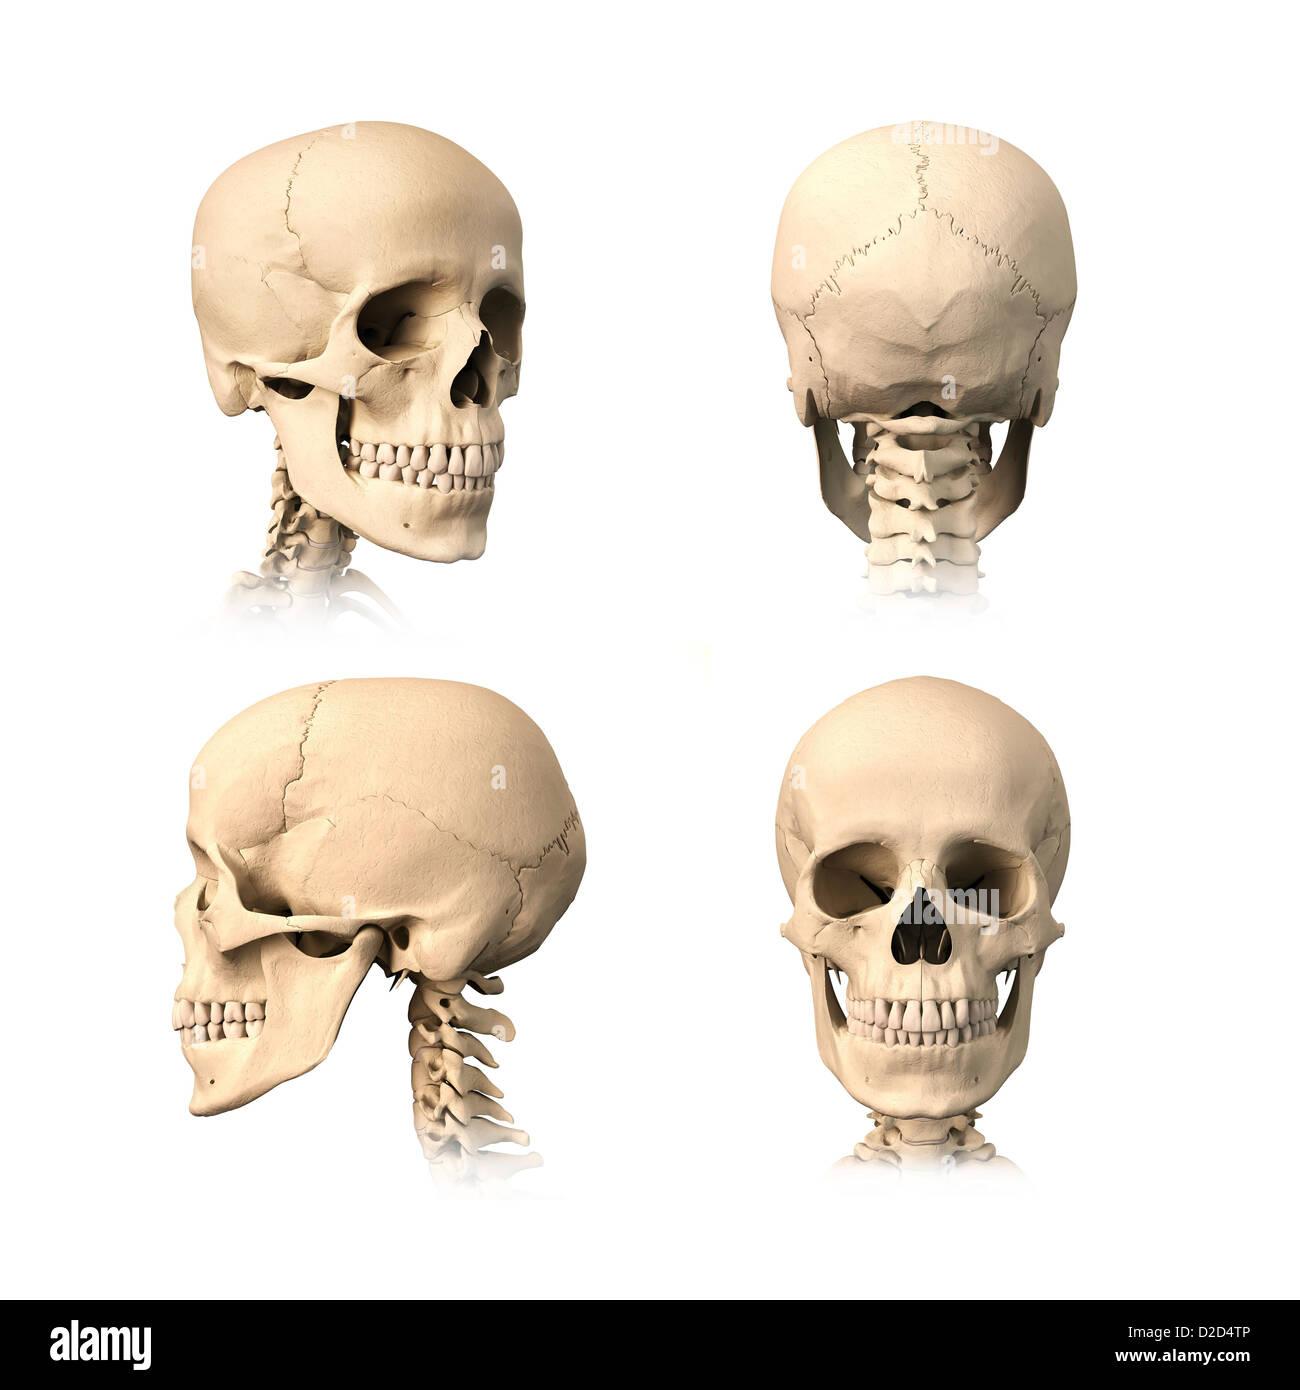 Beste Menschlicher Schädel Diagramm Mit Etikett Bilder - Menschliche ...